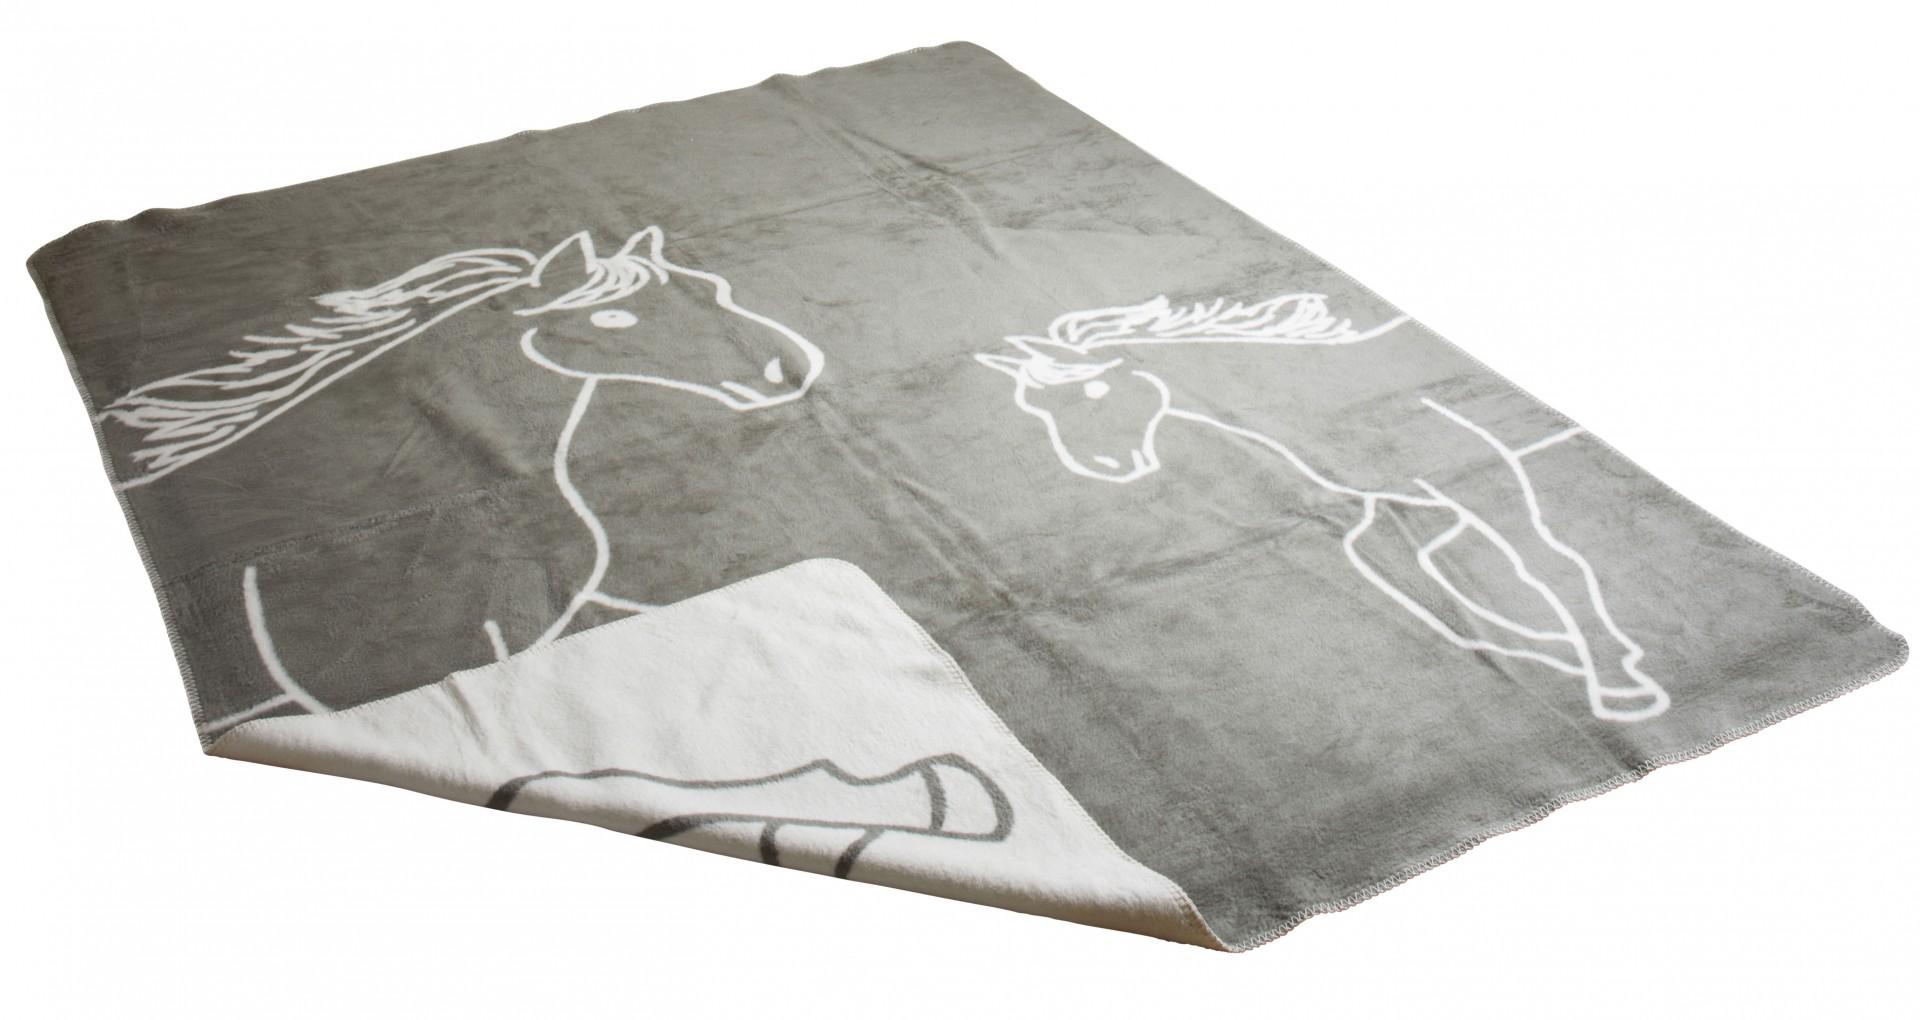 decke pferd grau richter 150x200 cm kuscheldecke pferdedecke 100 bio baumwolle ebay. Black Bedroom Furniture Sets. Home Design Ideas